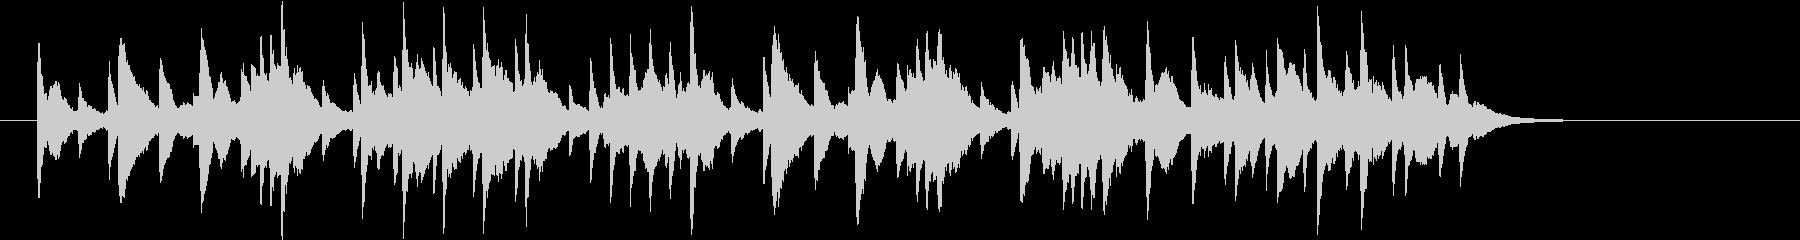 交響曲「時計」 オルゴール クラシックの未再生の波形